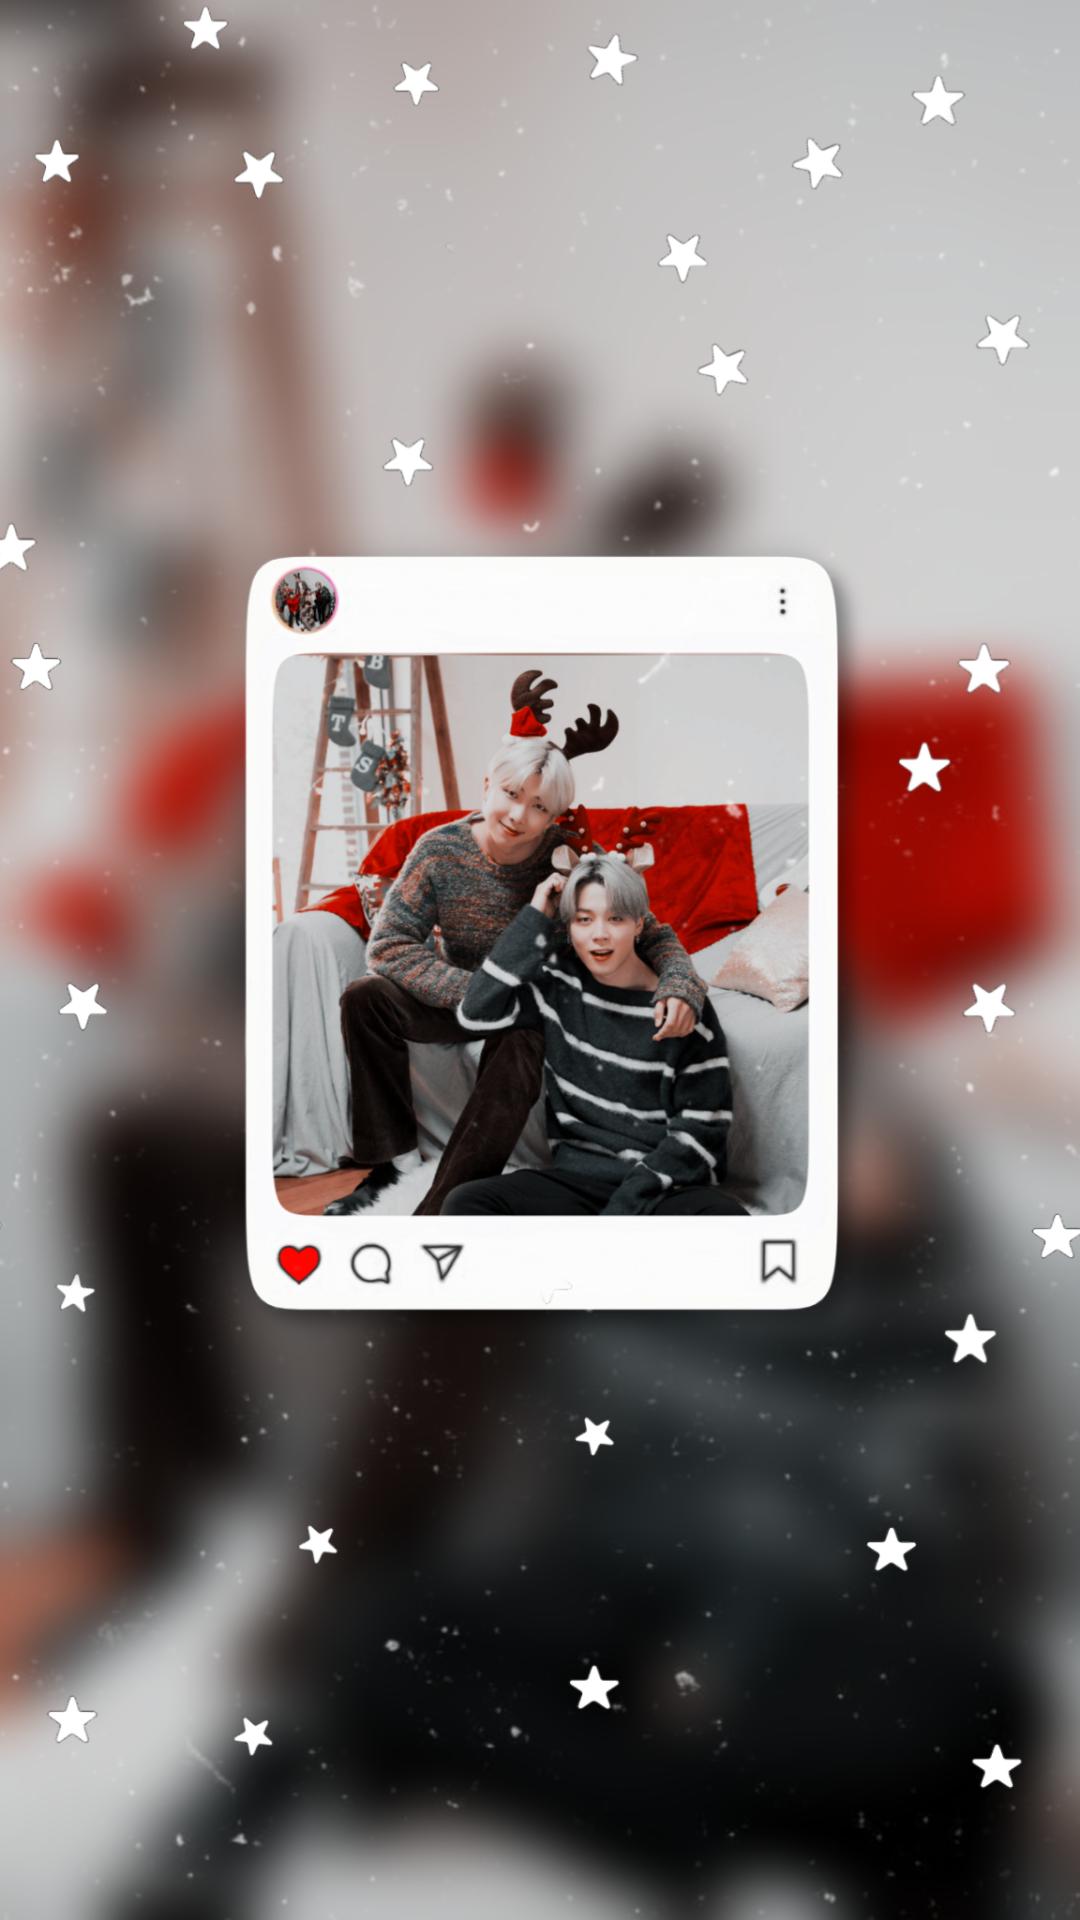 Bts Edit Posts Com O Marcador Bts Lockscreen In 2020 Bts Edits Bts Bts Aesthetic Pictures